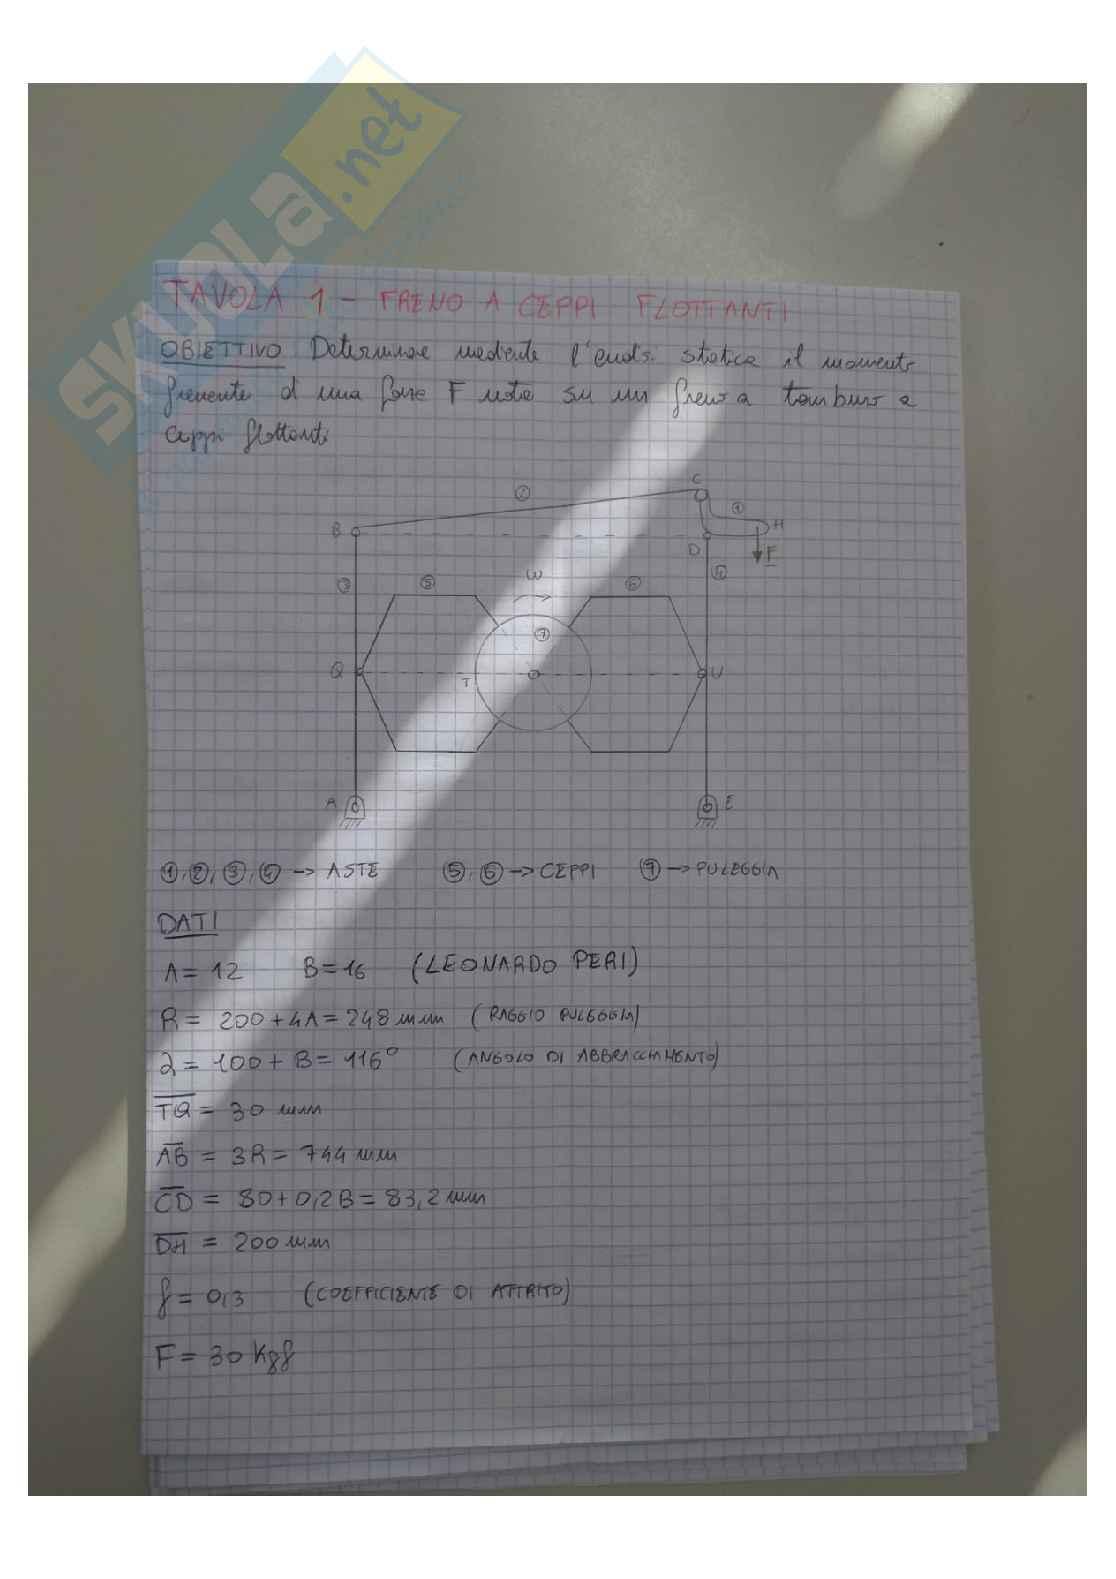 Tavole del Laboratorio di Meccanica applicata complete Pag. 1